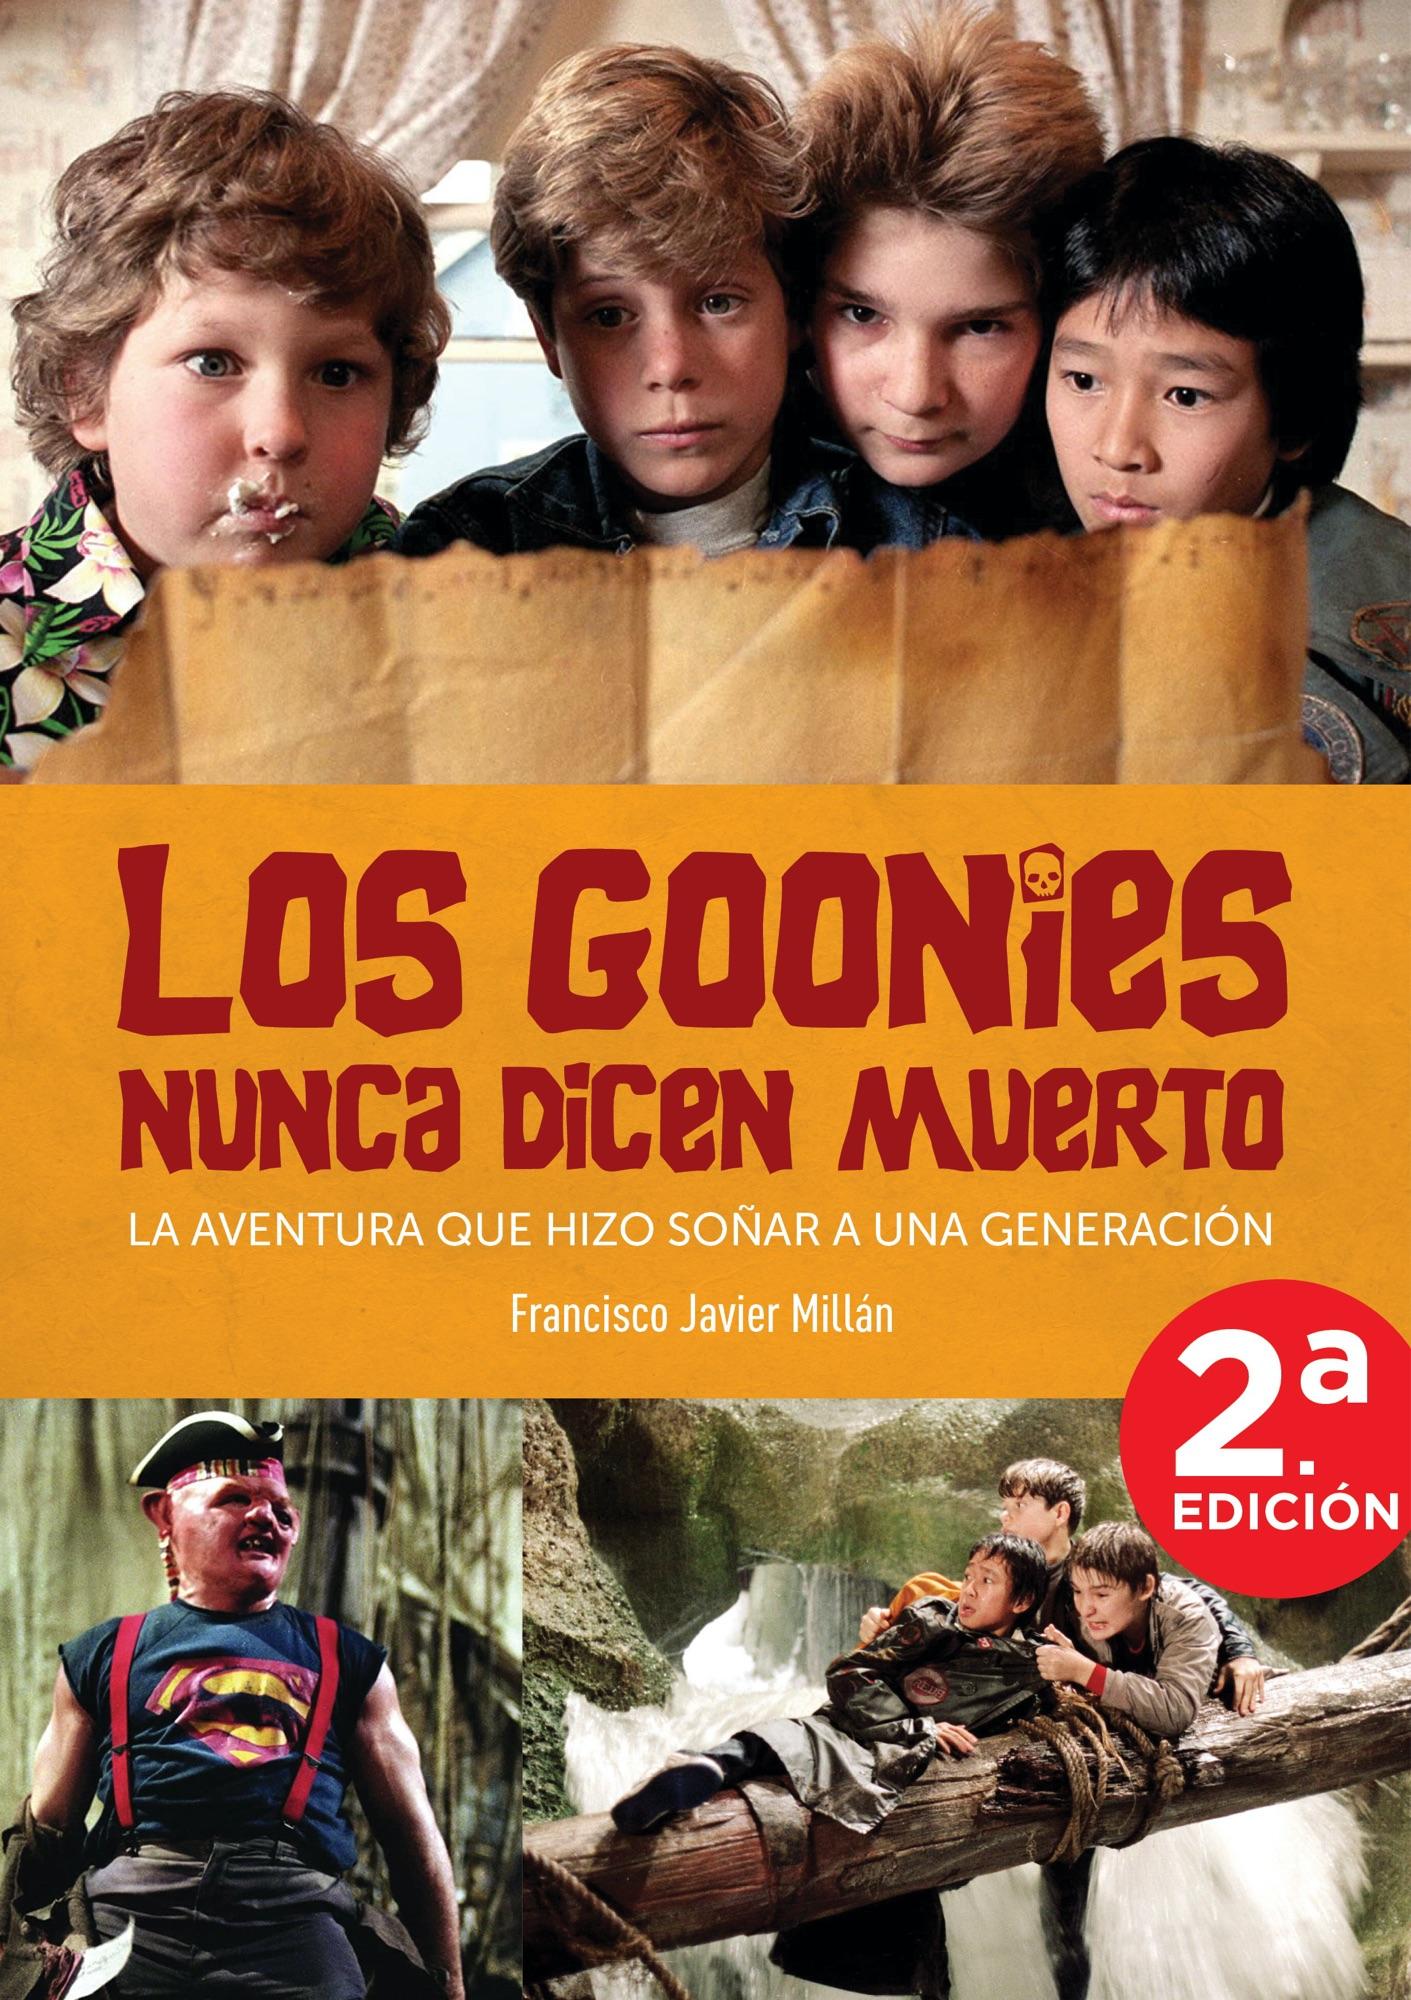 LOS GOONIES NUNCA DICEN MUERTO. LA AVENTURA QUE HIZO SOÑAR A UNA GENERACION